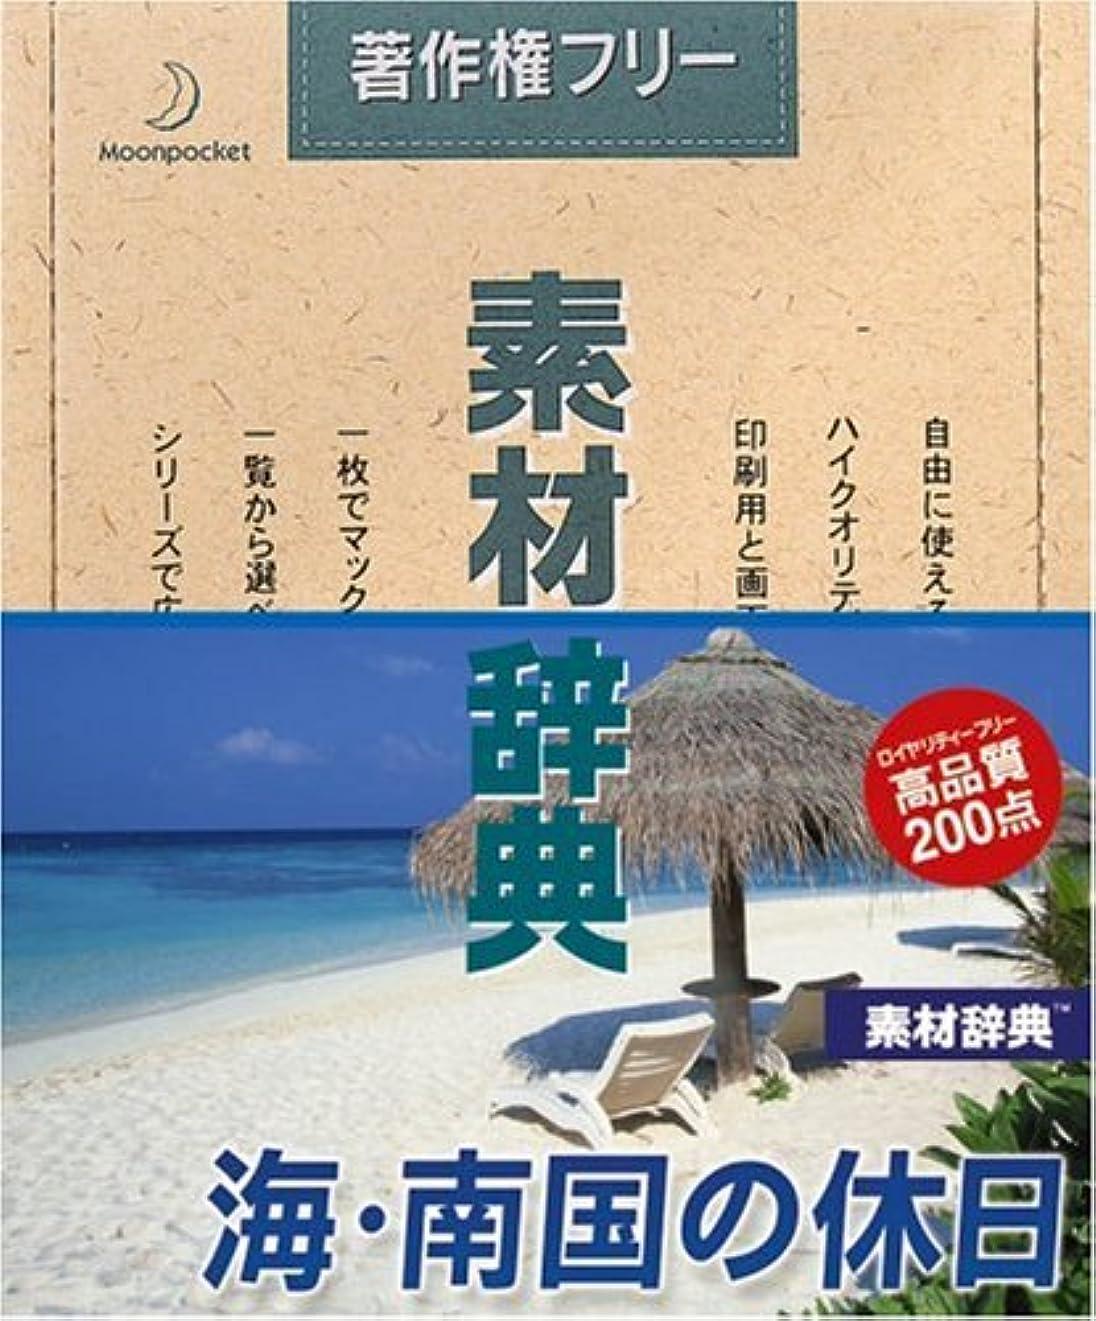 オーバーフロー処理広大な素材辞典 Vol.111 海?南国の休日編